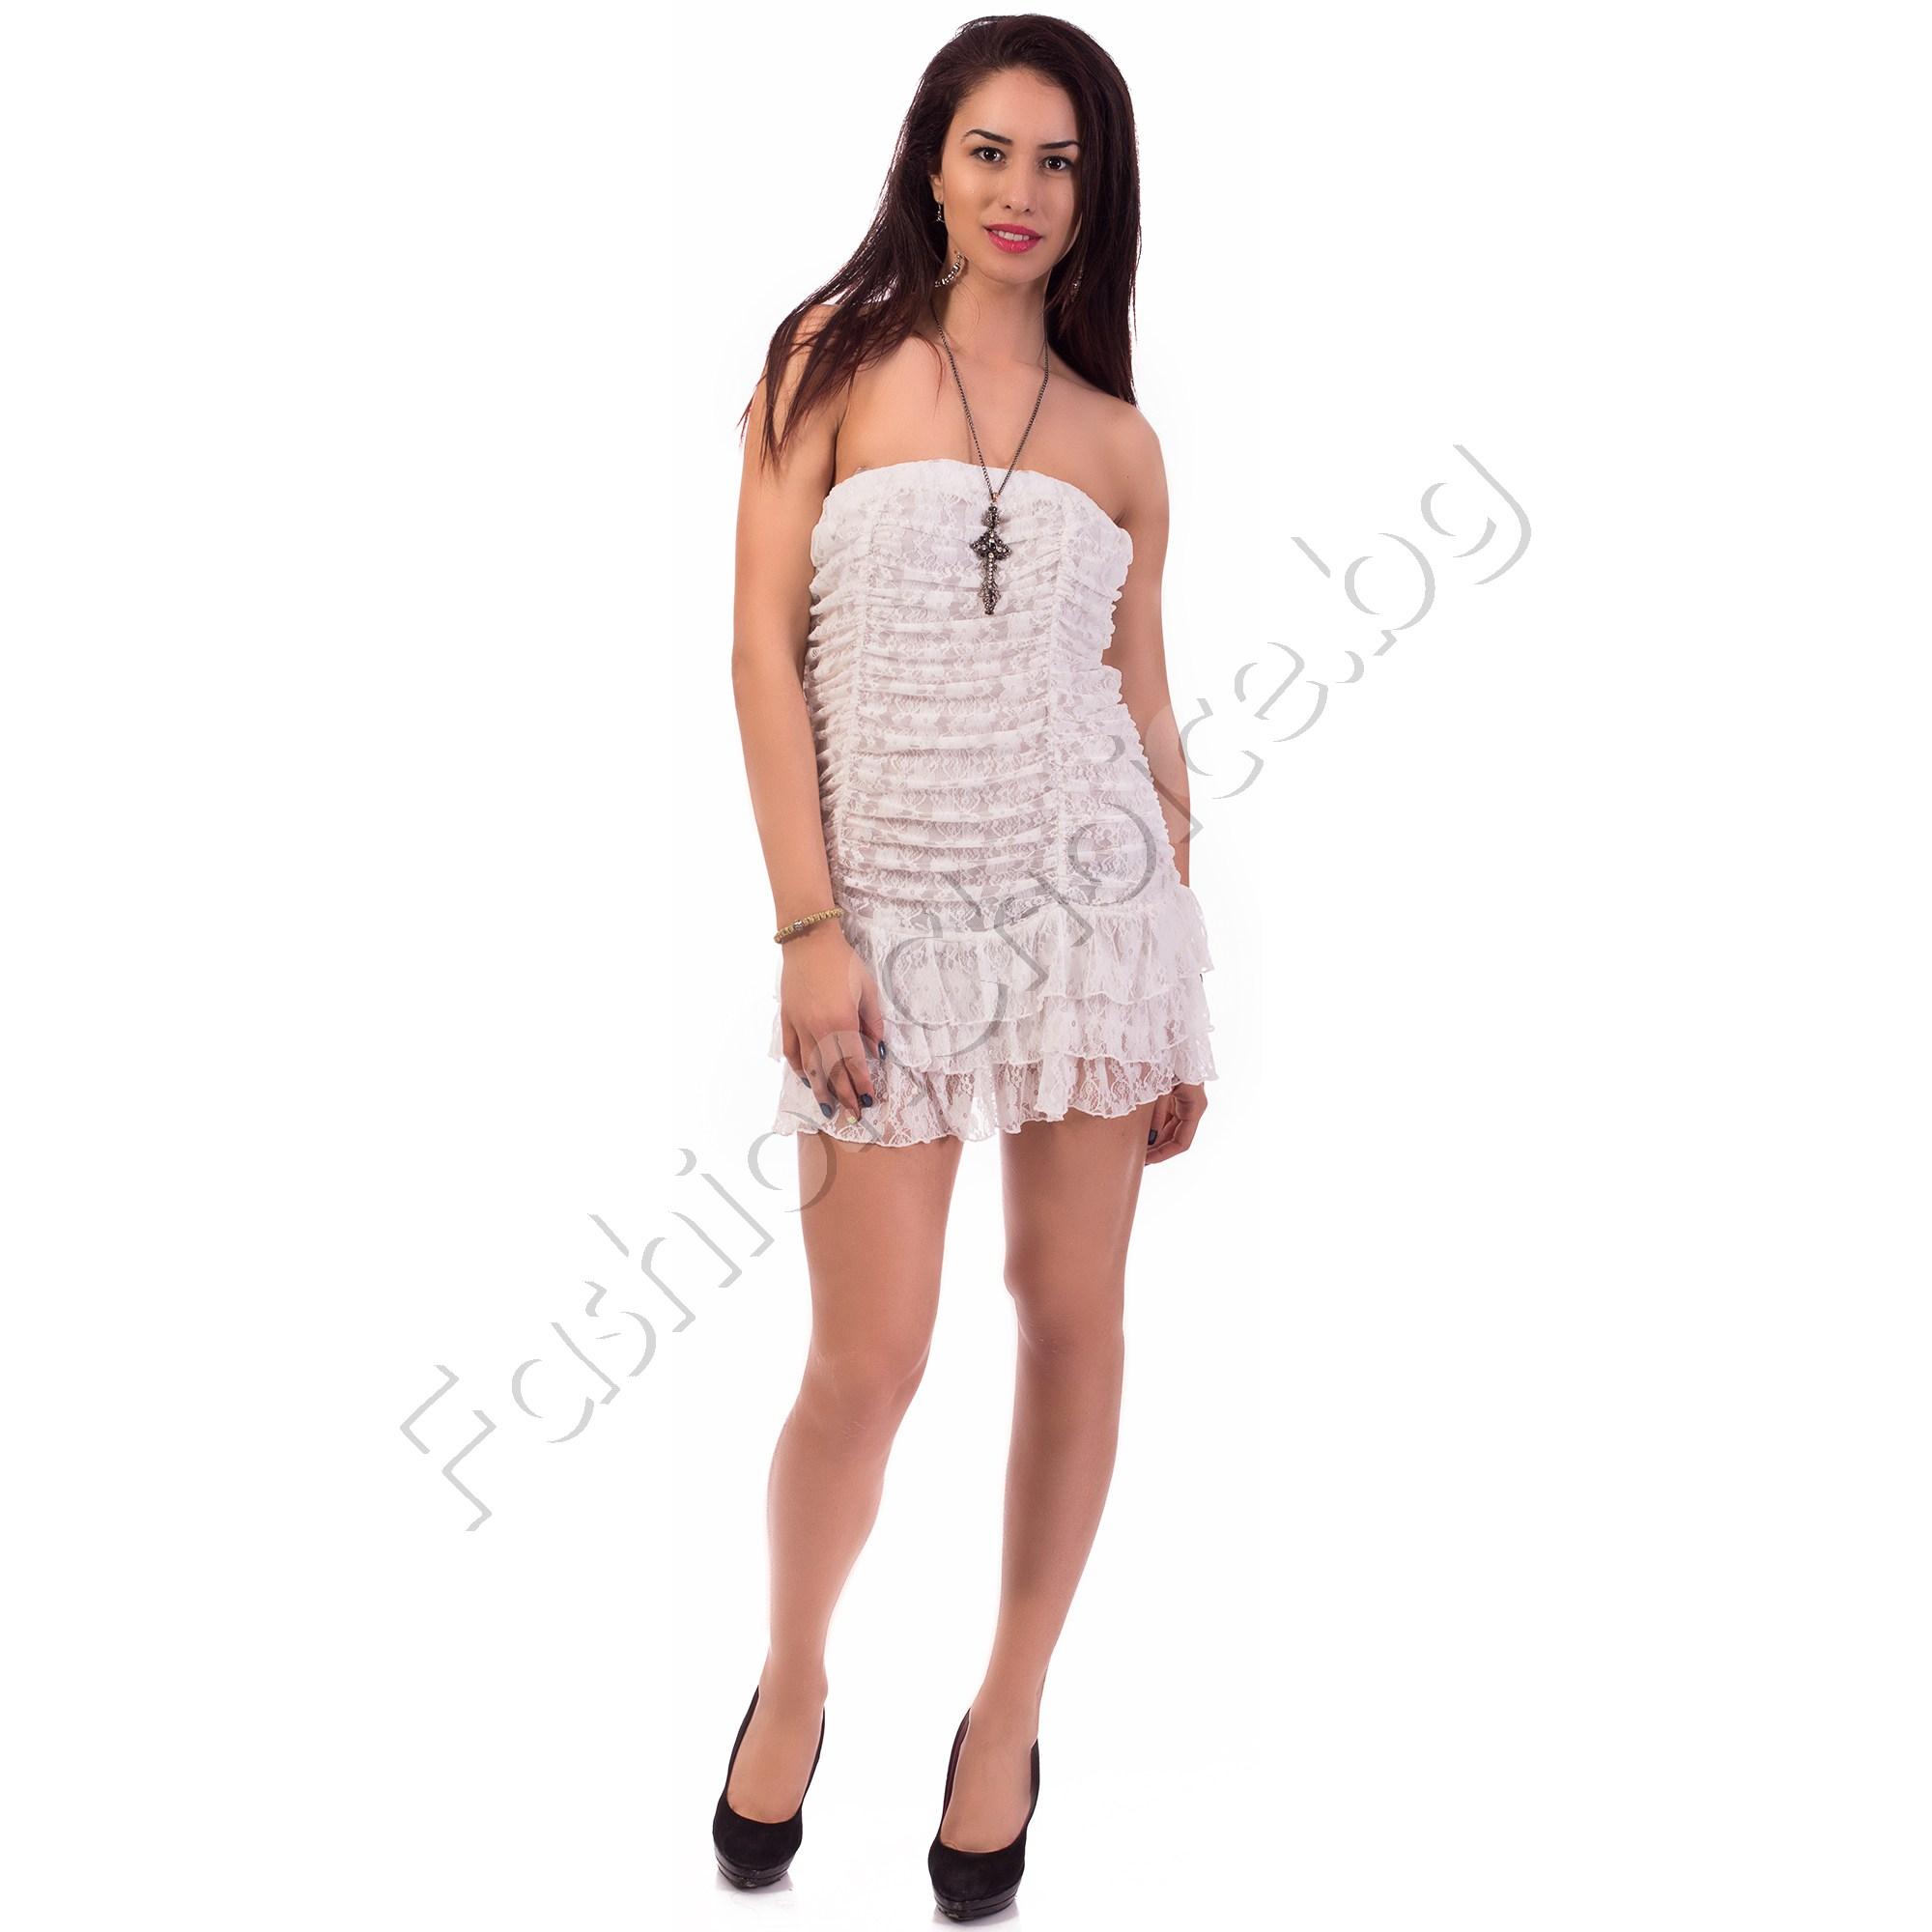 Дантелена рокля на воали тип бюстие